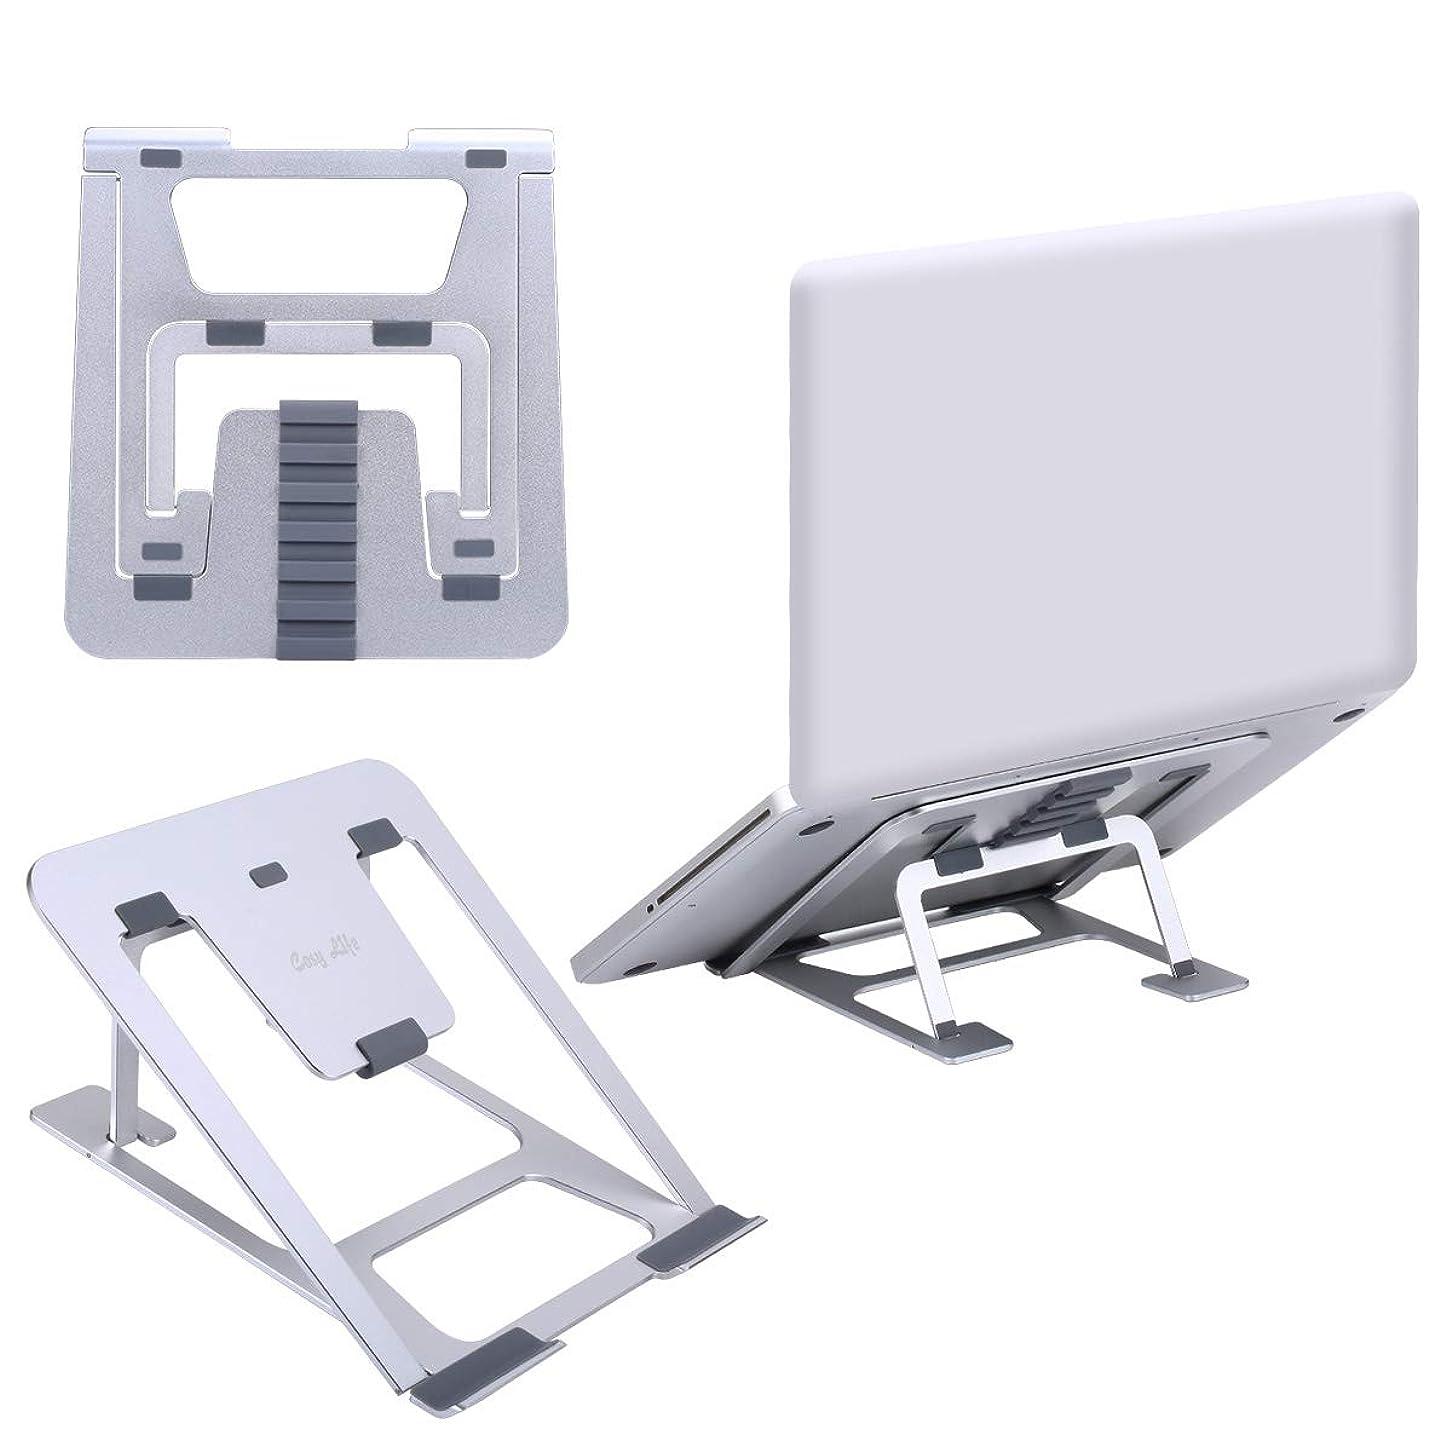 ネックレス台無しにメンターノートパソコンスタンド 【2019最新改良】PCホルダー 折りたたみ式 六段高さ角度調整 ノートブック コンピューター用 持ち運び便利 9-15インチのタブレットとノートパソコンに適応